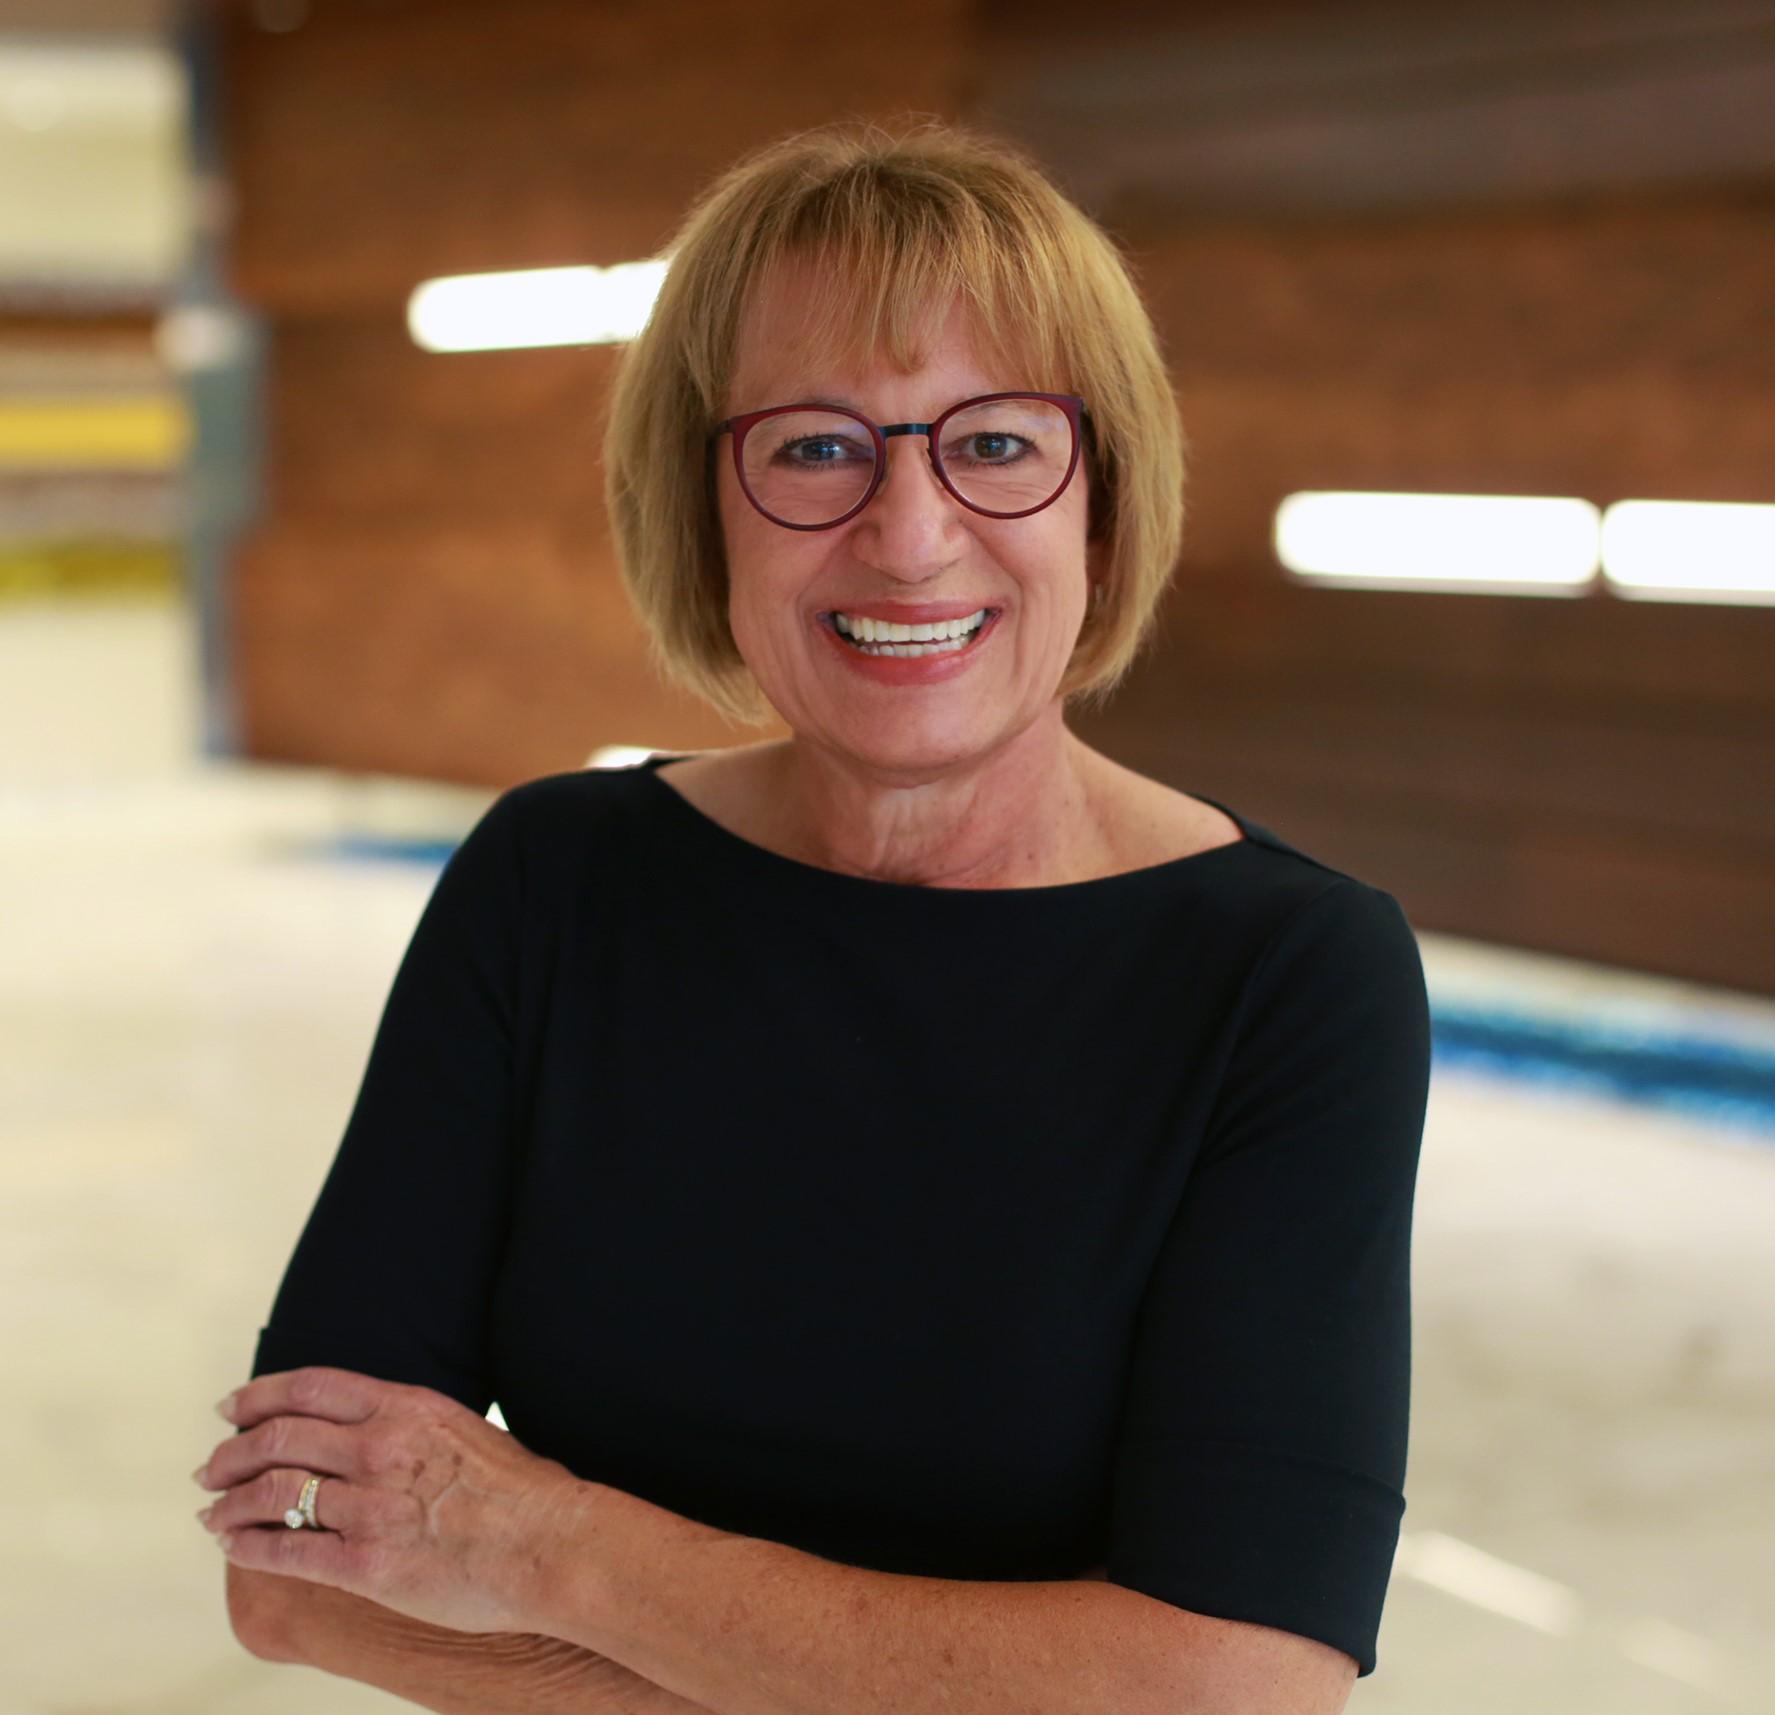 Marilyn Cundiff